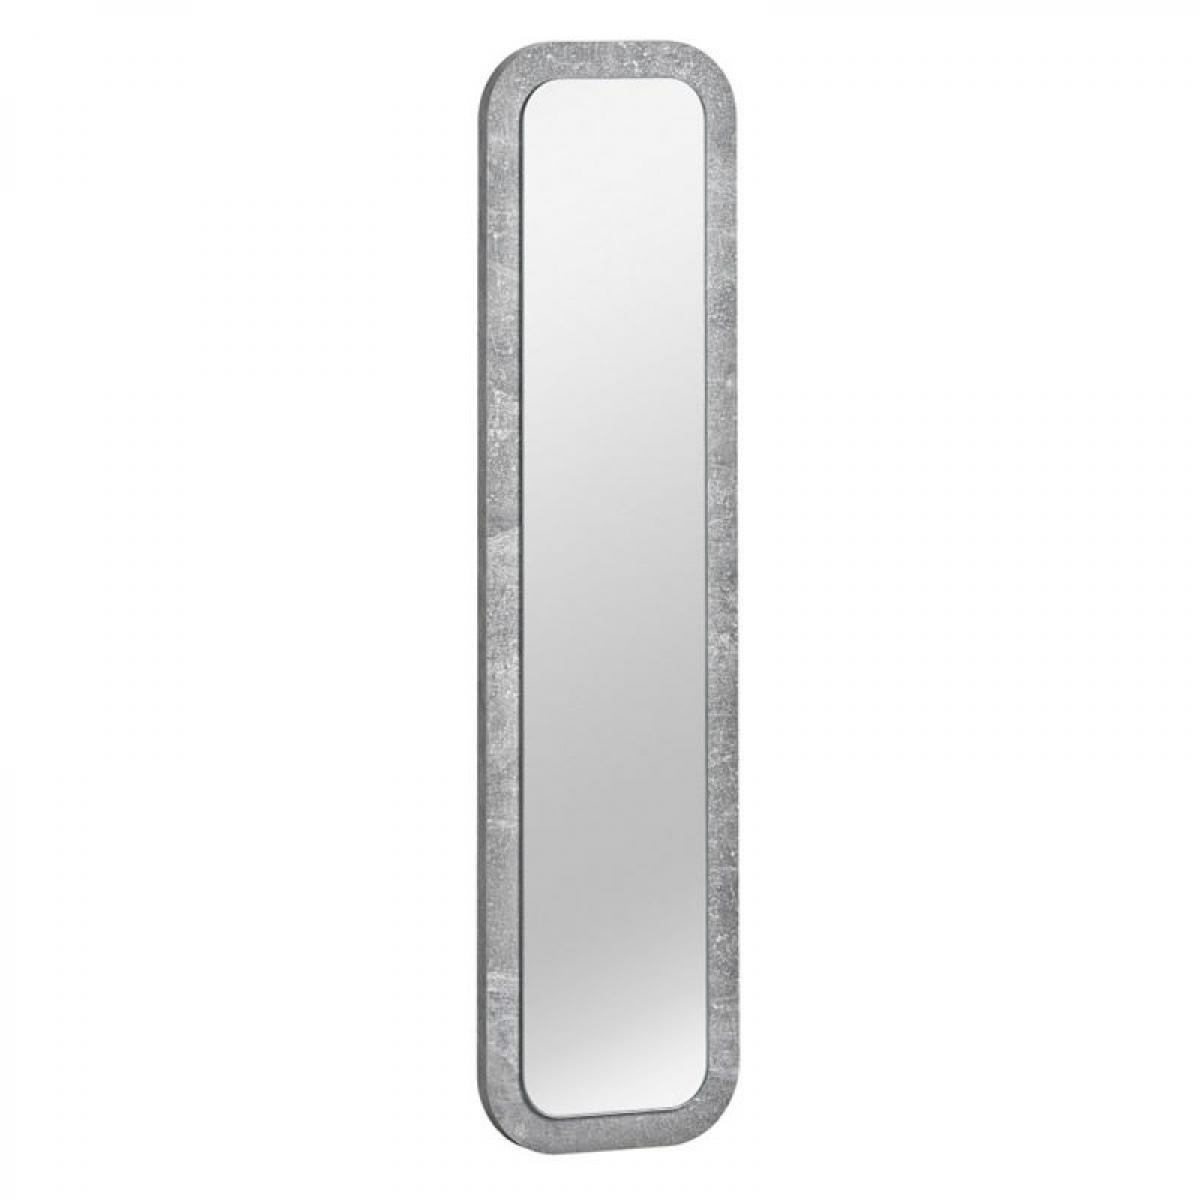 Paris Prix Miroir Rectangulaire Design Wally 80cm Argent